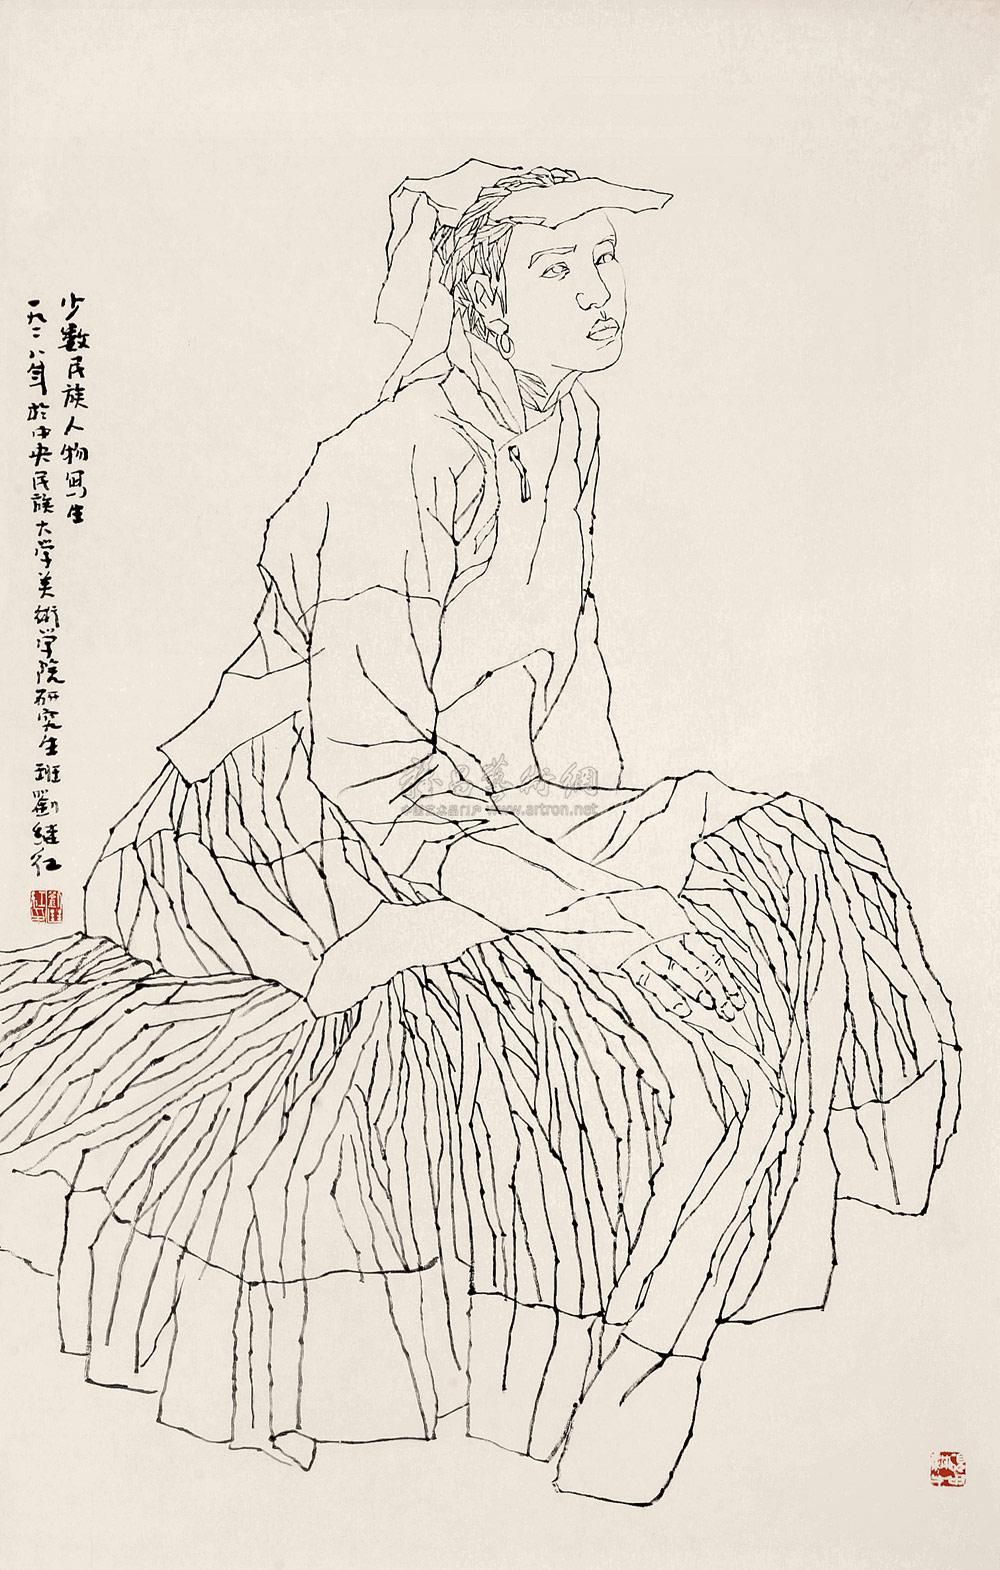 傣族人物简笔画